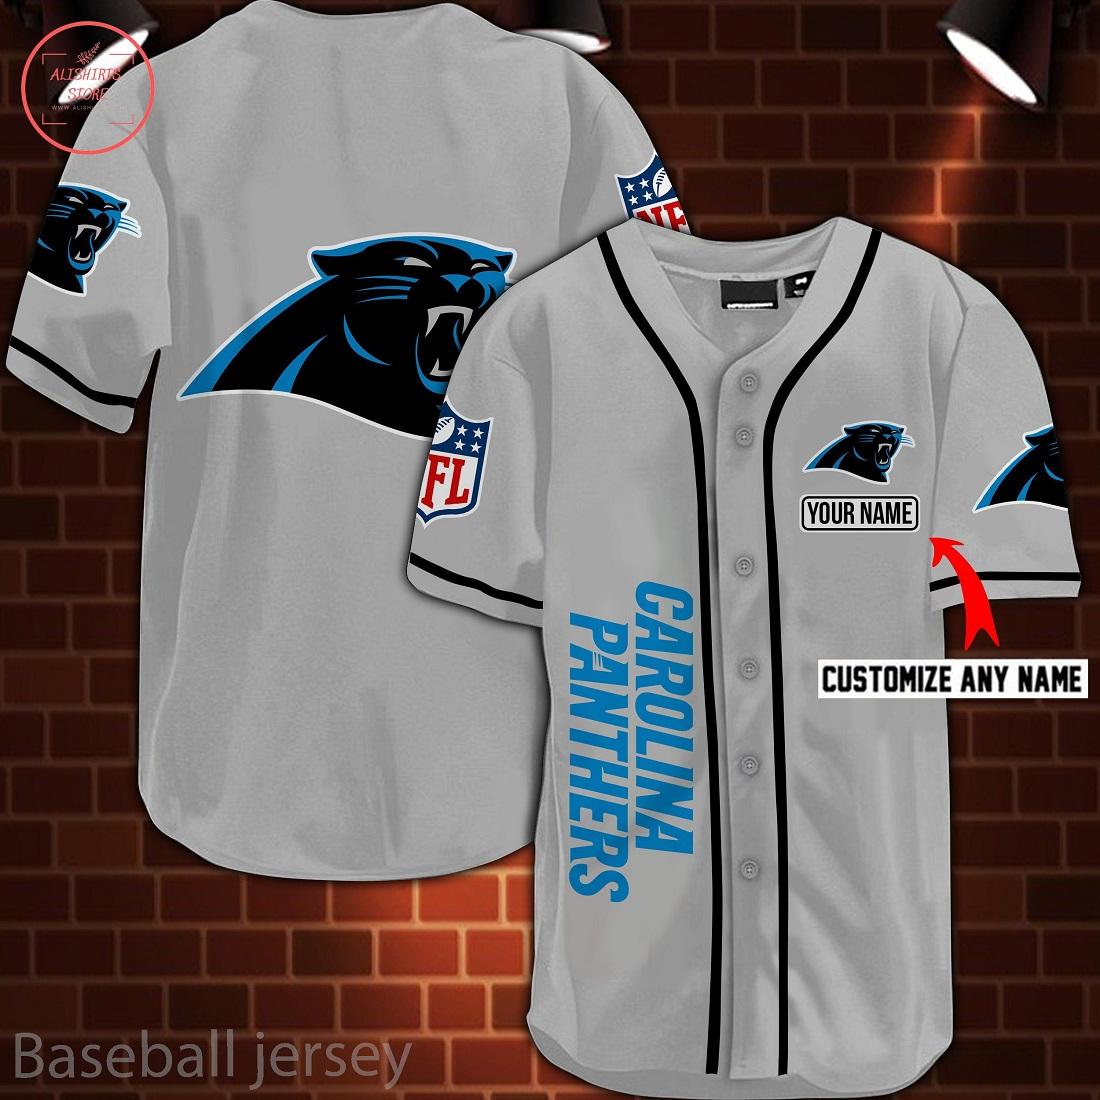 Nfl Carolina Panthers Personalized Baseball Jersey